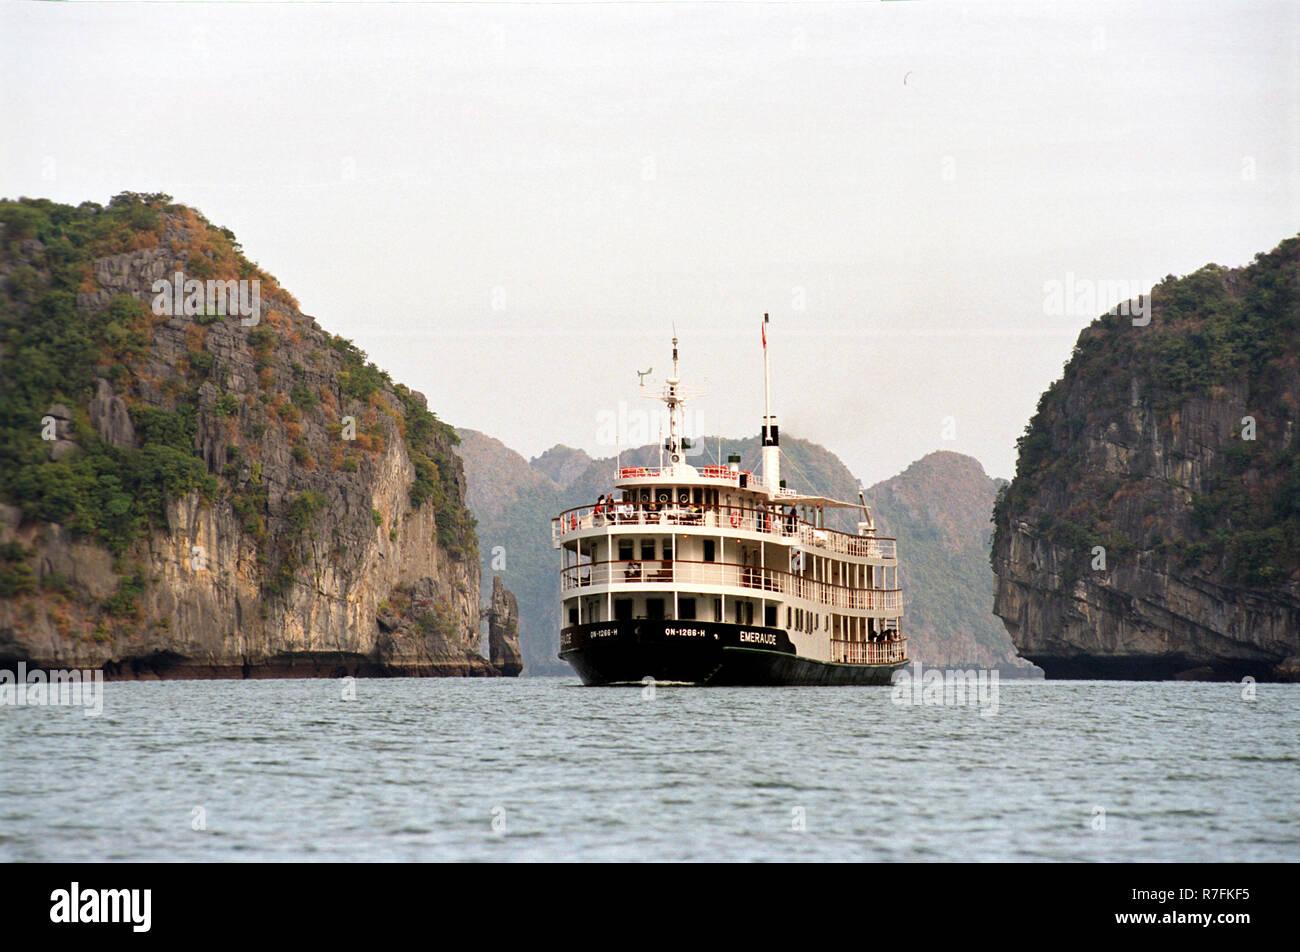 Asien, Vietnam, Halong Bay, UNESCO Weltkulturerbe, Boote, Emeraud-Schiff, Dschunken, Meer, Kalksteinfelsen, Schifffahrt, Ausflug, Meer,   Asia, Vietna - Stock Image